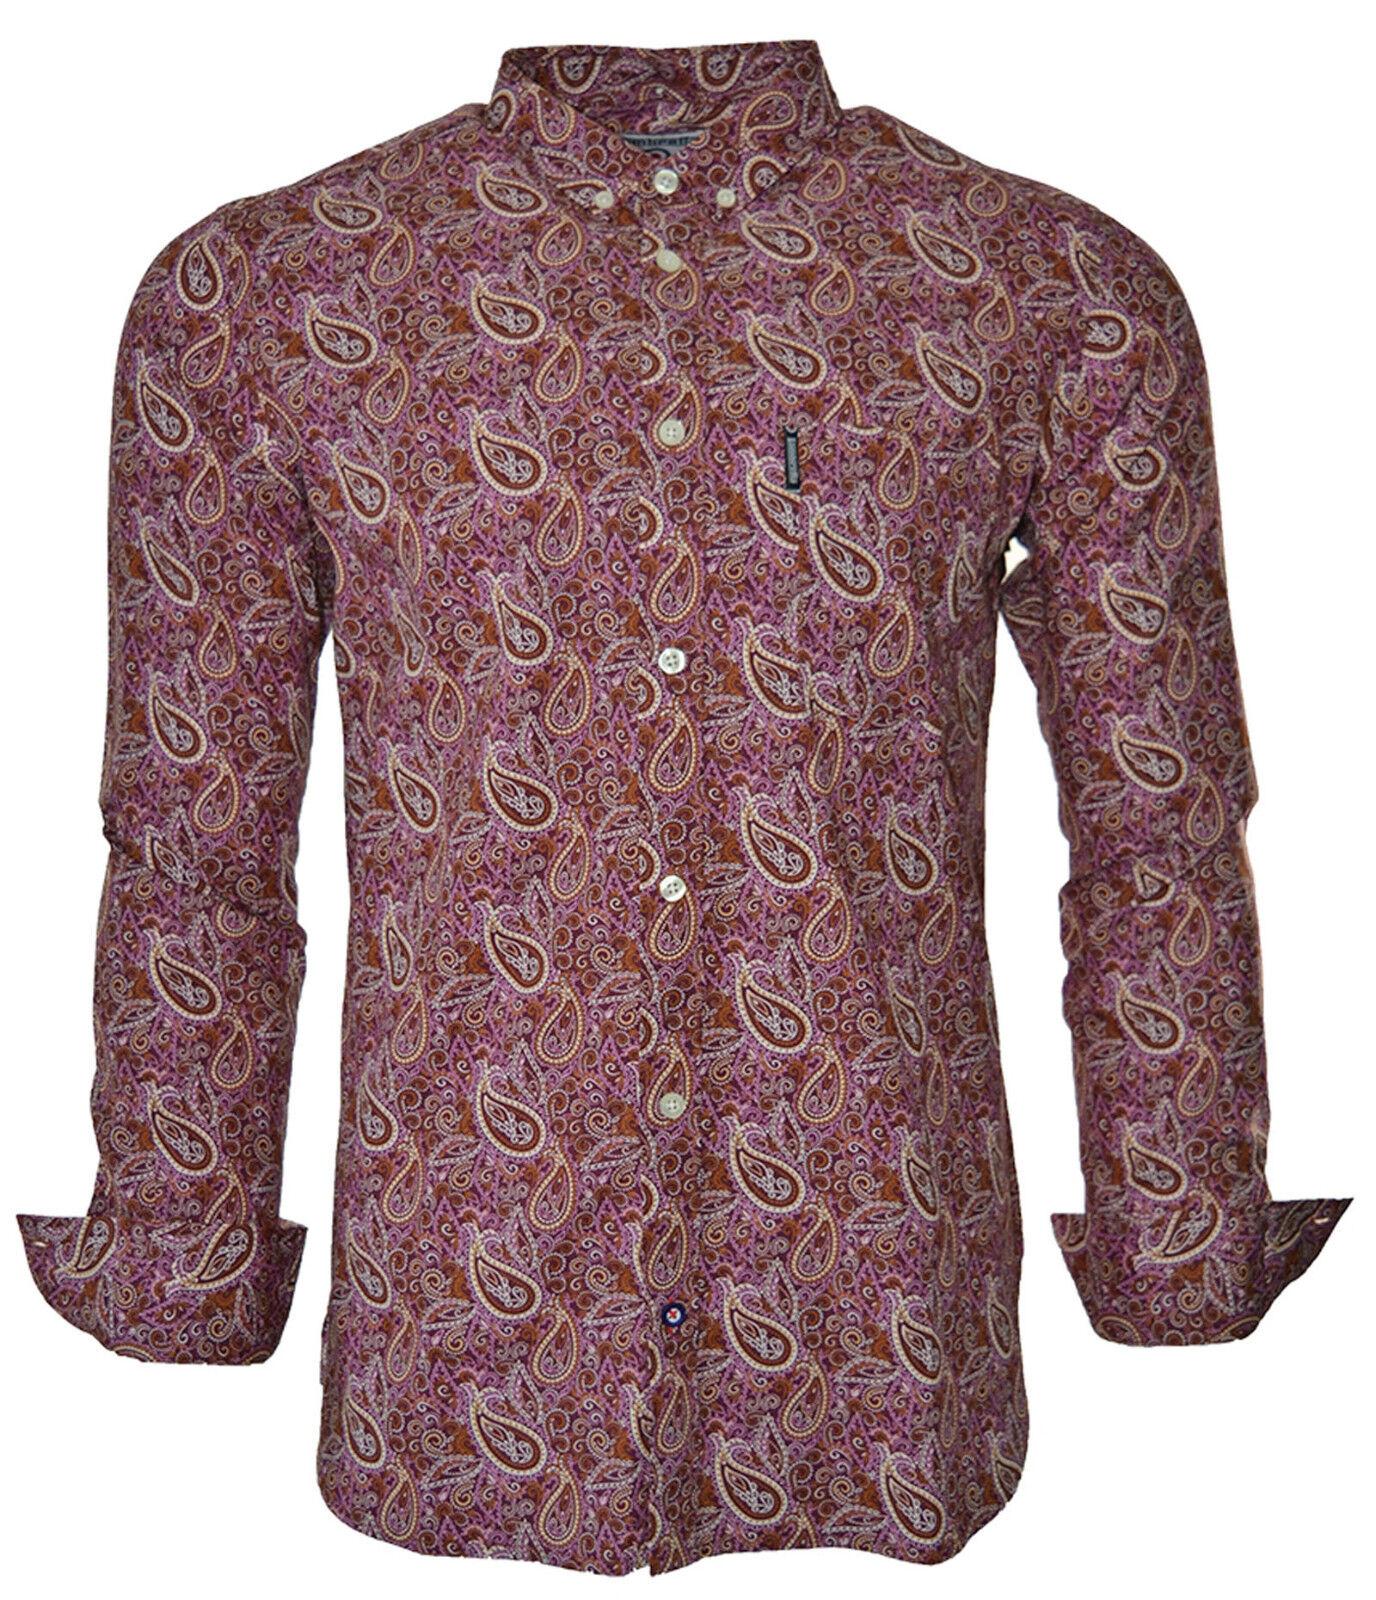 Lambretta Paisley chemises pour pour pour homme Mod Rétro en coton à manches longues Boutonnée UK S-3XL e8c511